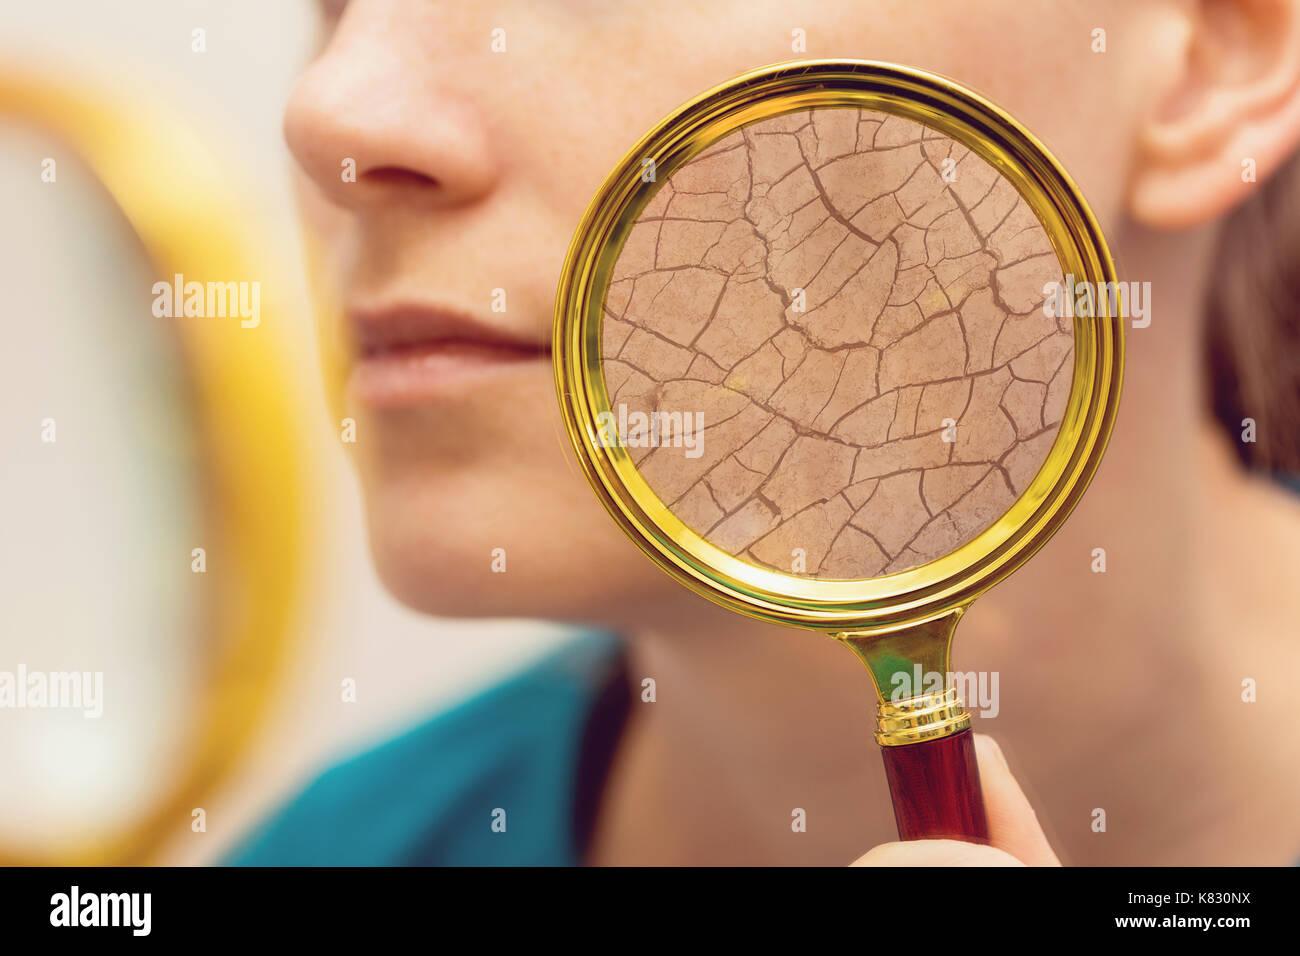 Le vieillissement et la peau du visage sec concept - femme avec une loupe Photo Stock